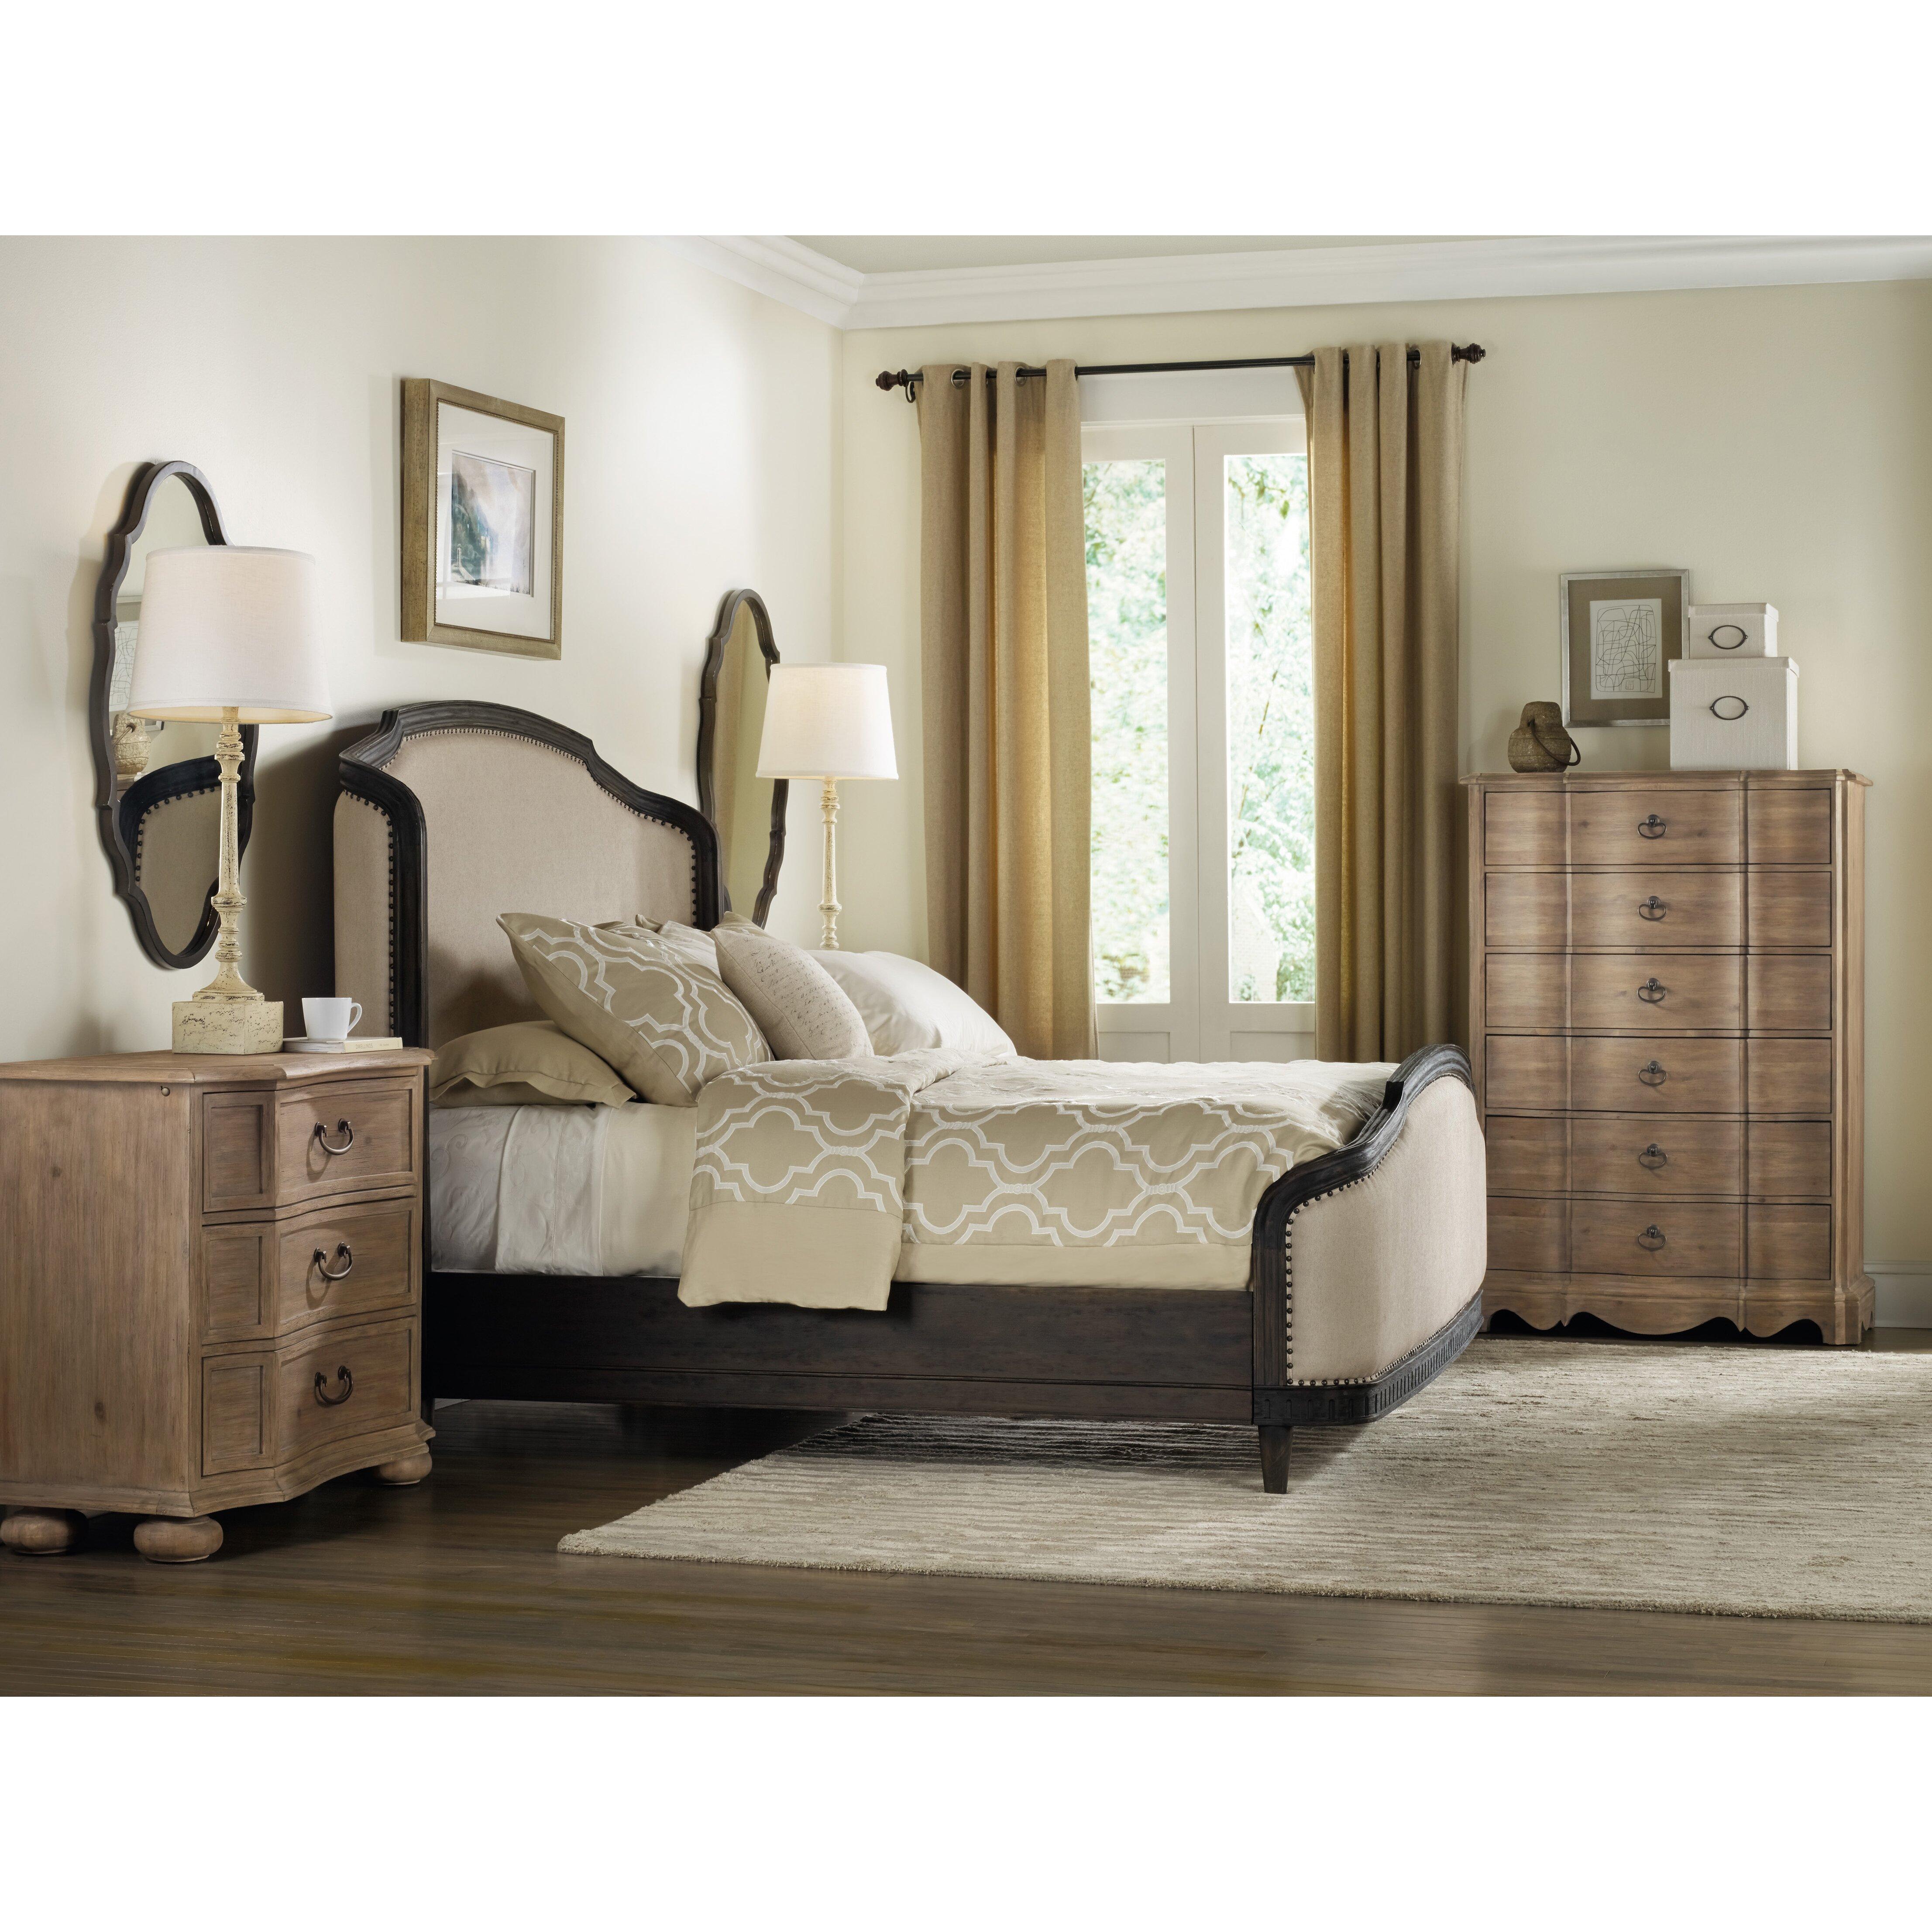 Hooker Furniture Corsica Upholstered Headboard Reviews Wayfair